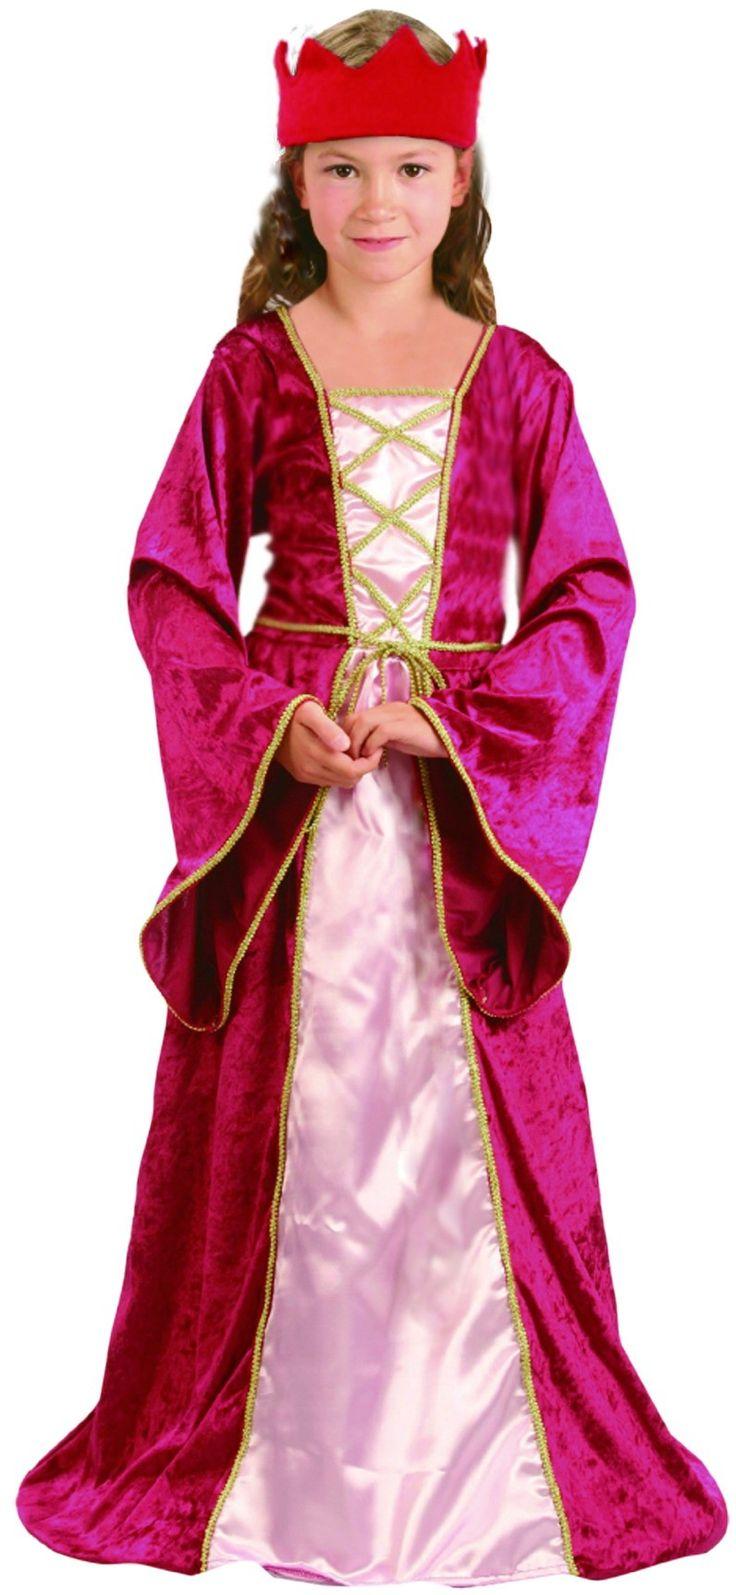 Costume regina medievale bambina: Questo costume da regina medievale per ragazza è costituito da un abito simil velluto ornato da bordi dorati e con un corpetto sul davanti. Le maniche sono svasate. Un copricapo completa...